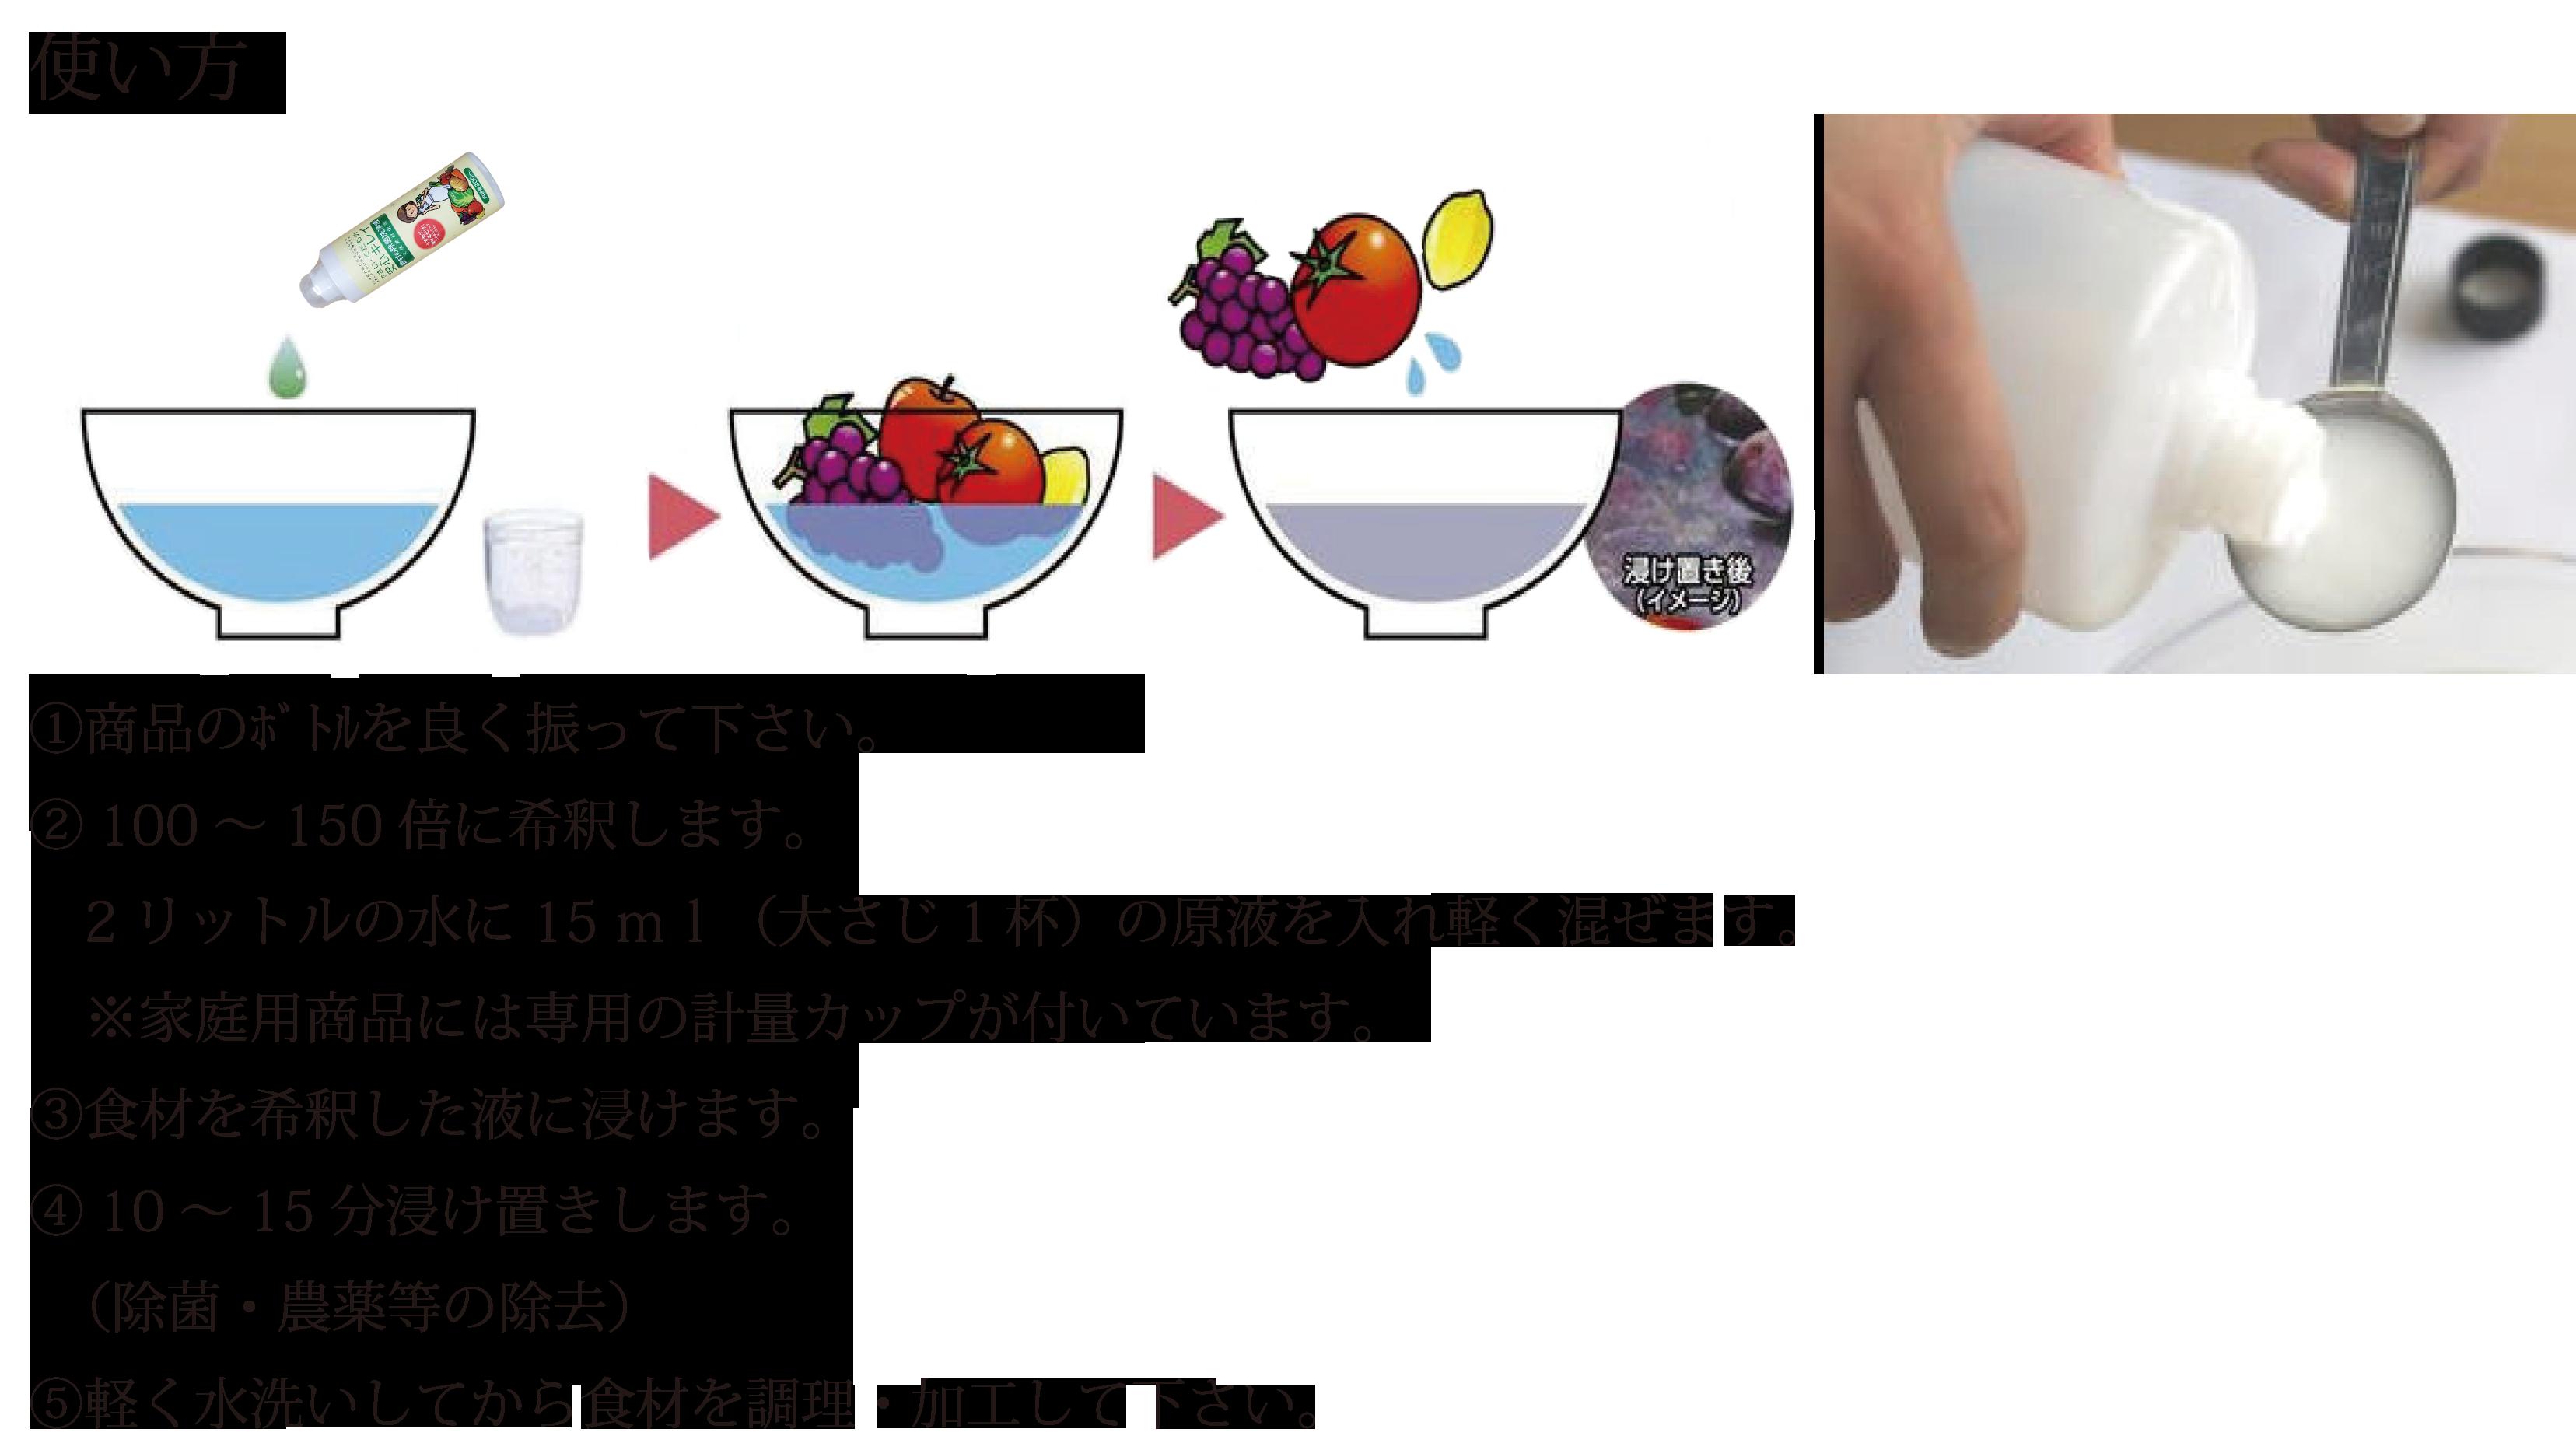 よくある質問Q&A やさい・くだもの安心キレイ 食材の除菌・洗浄用(食品衛生)